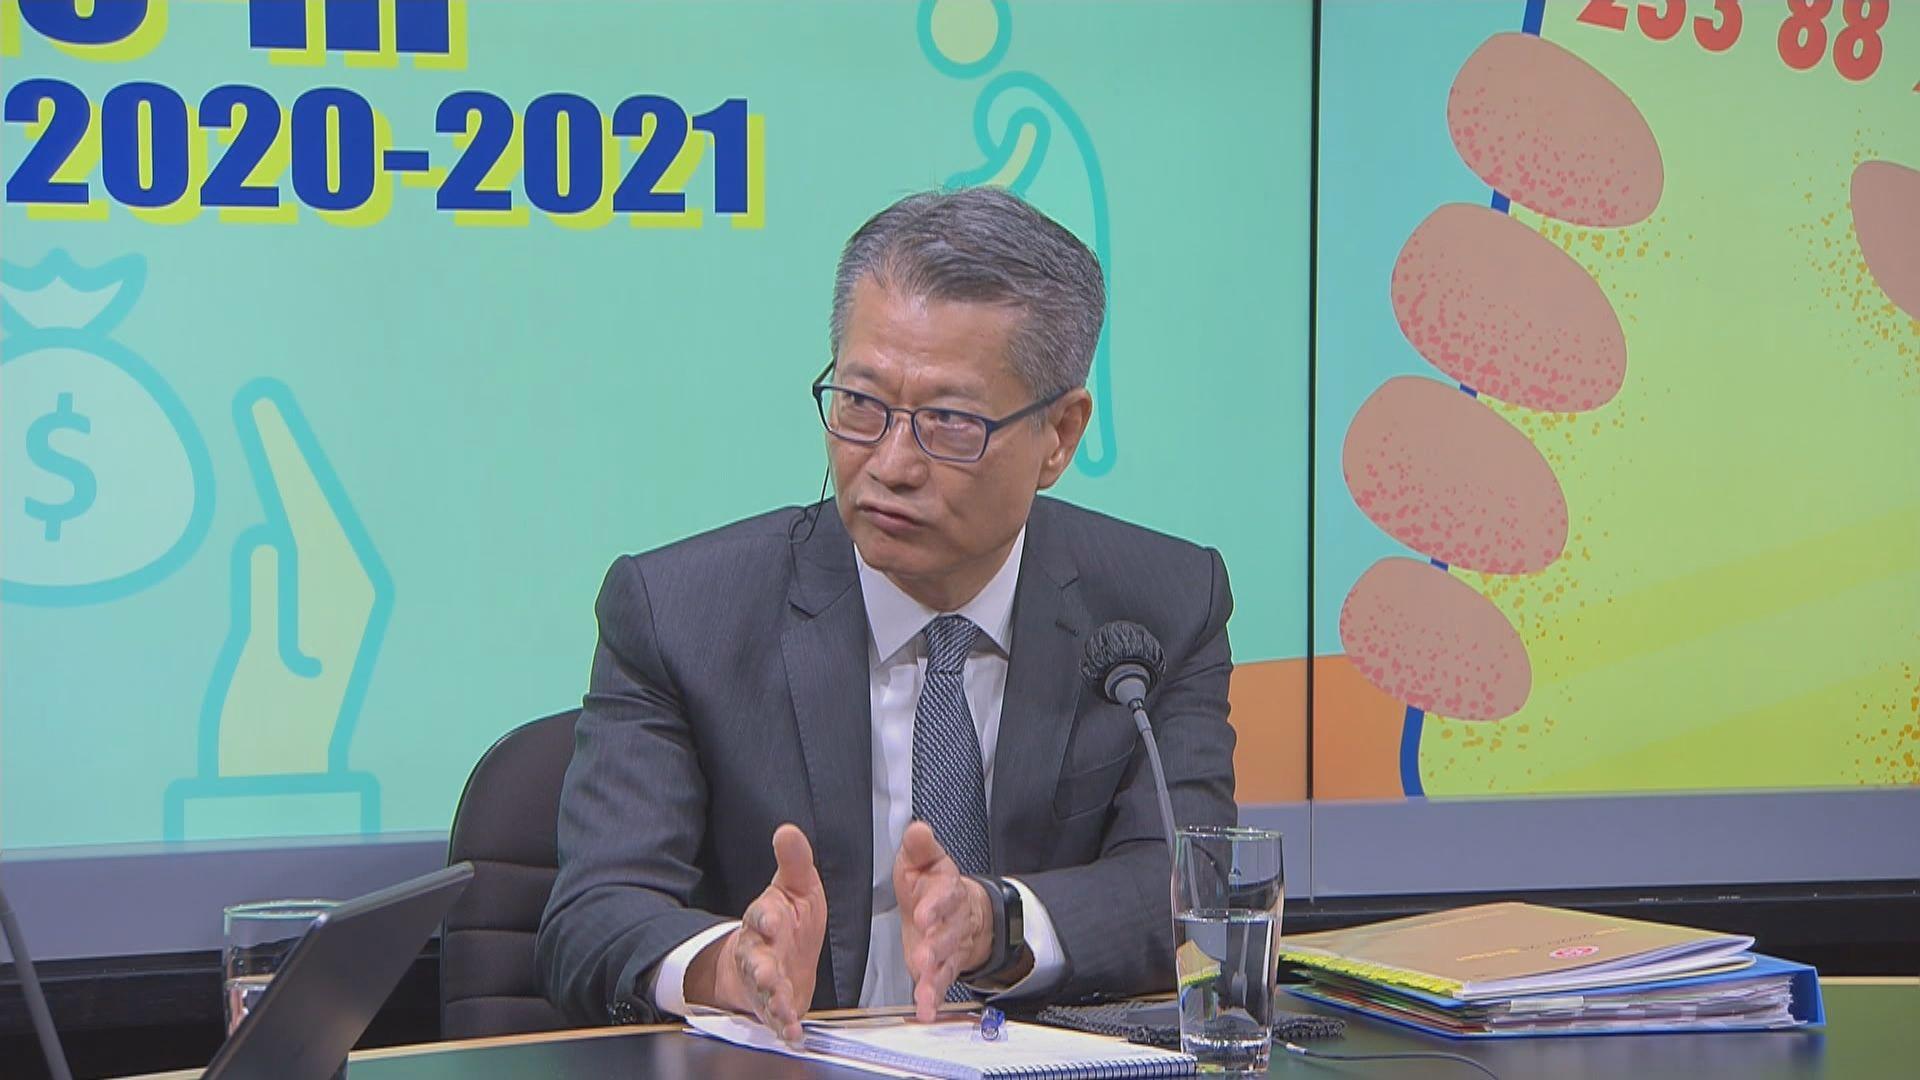 陳茂波:若向非永久居民派錢遭司法覆核敗訴機會高